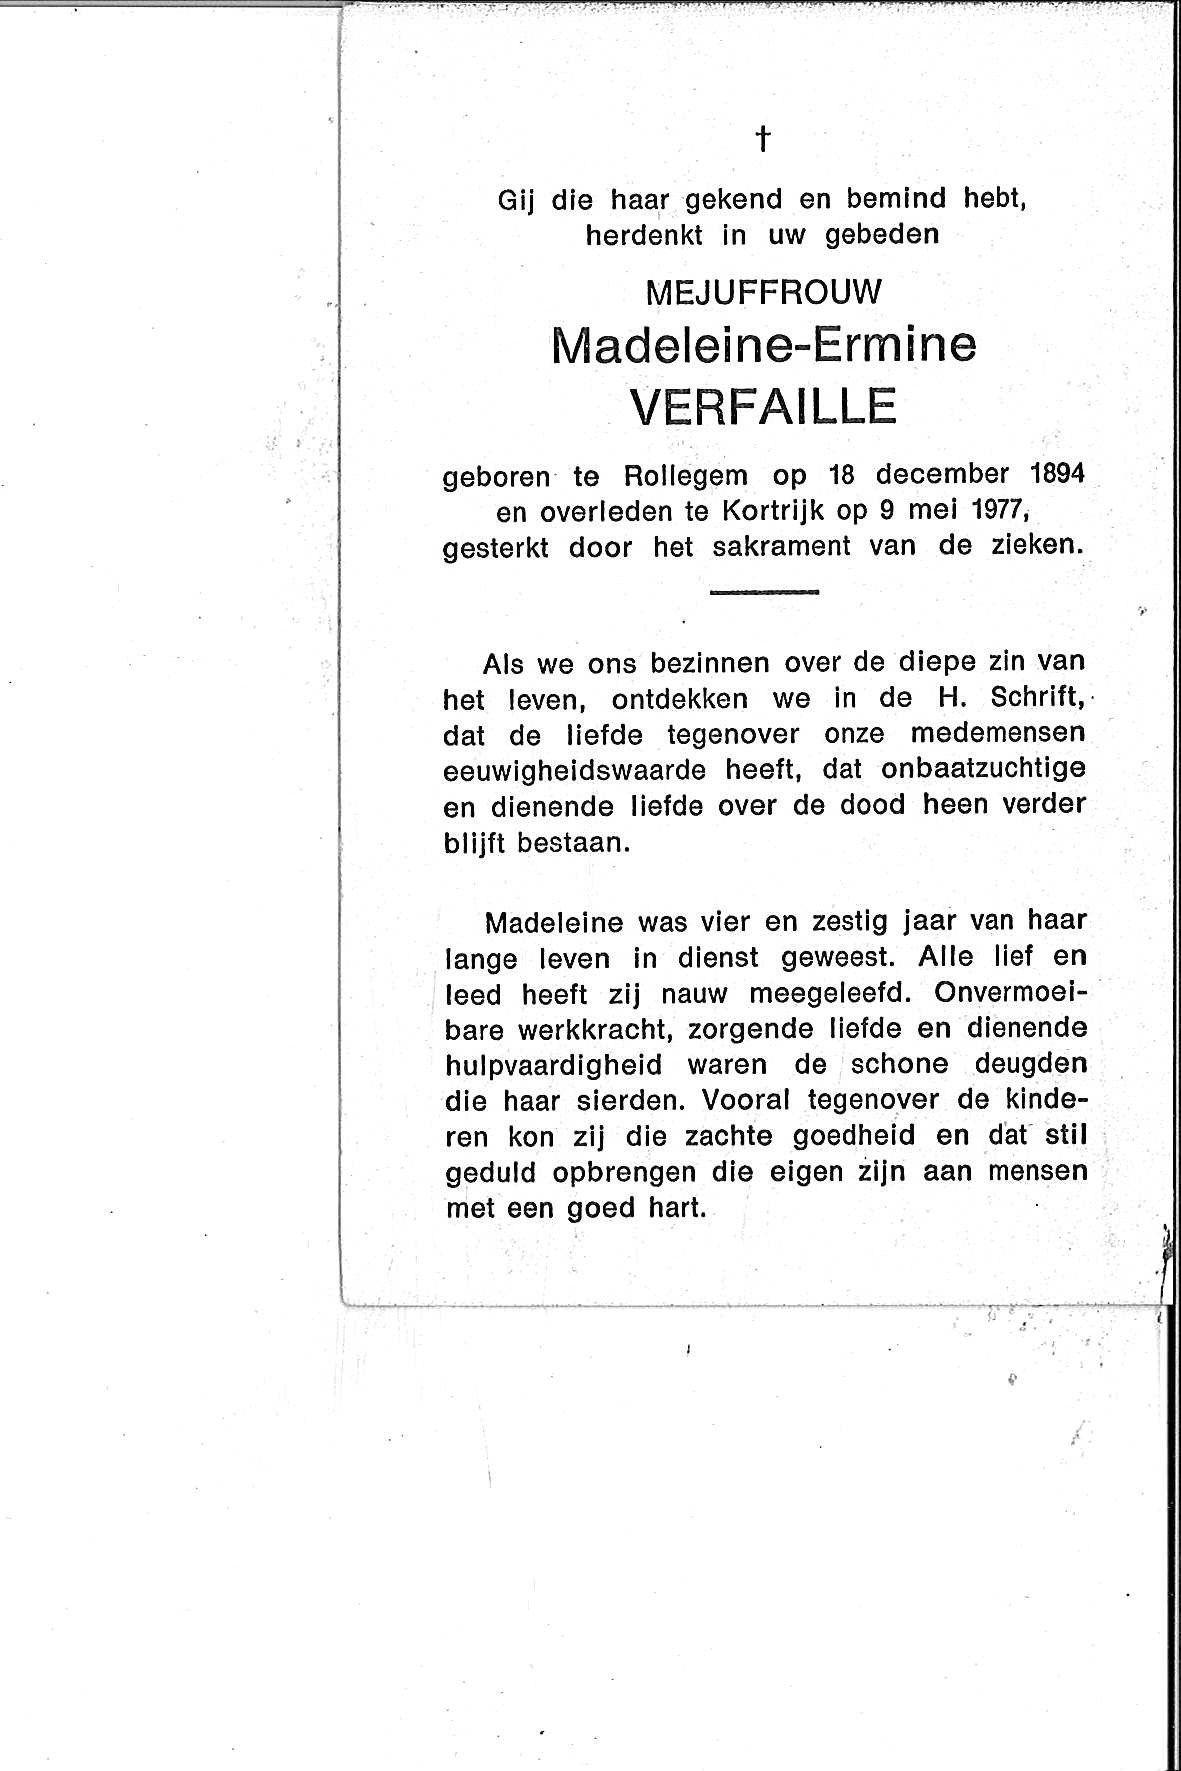 Madeleine_Ermine(1977)20150818153750_00088.jpg